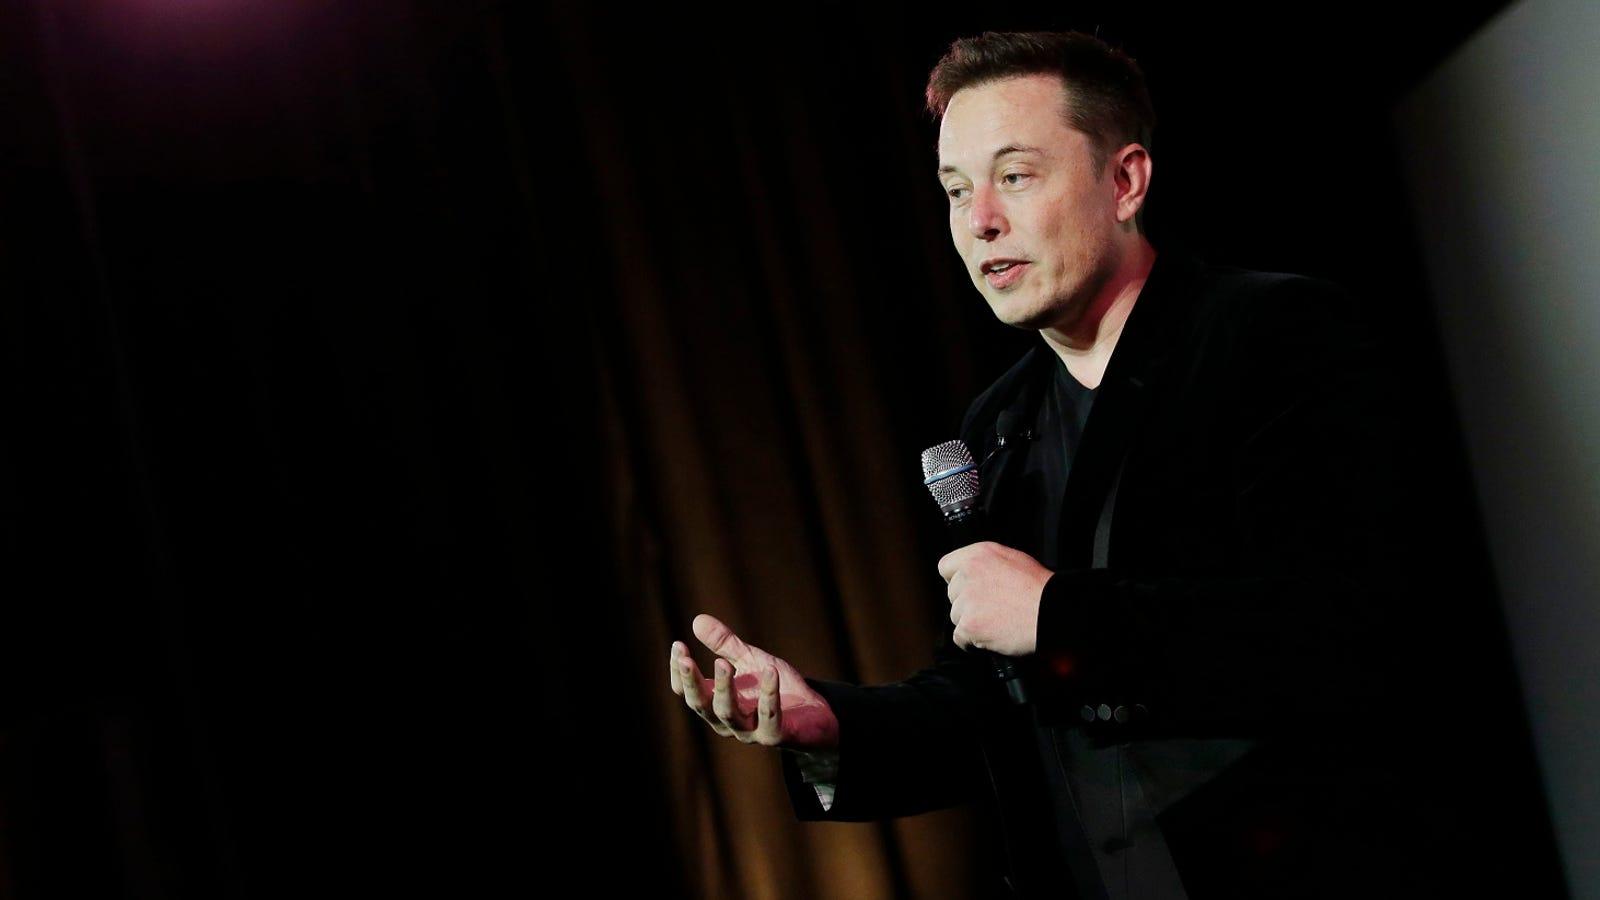 """Elon Musk dice que la IA es un riesgo para la humanidad y pide regularla """"antes de que sea demasiado tarde"""""""